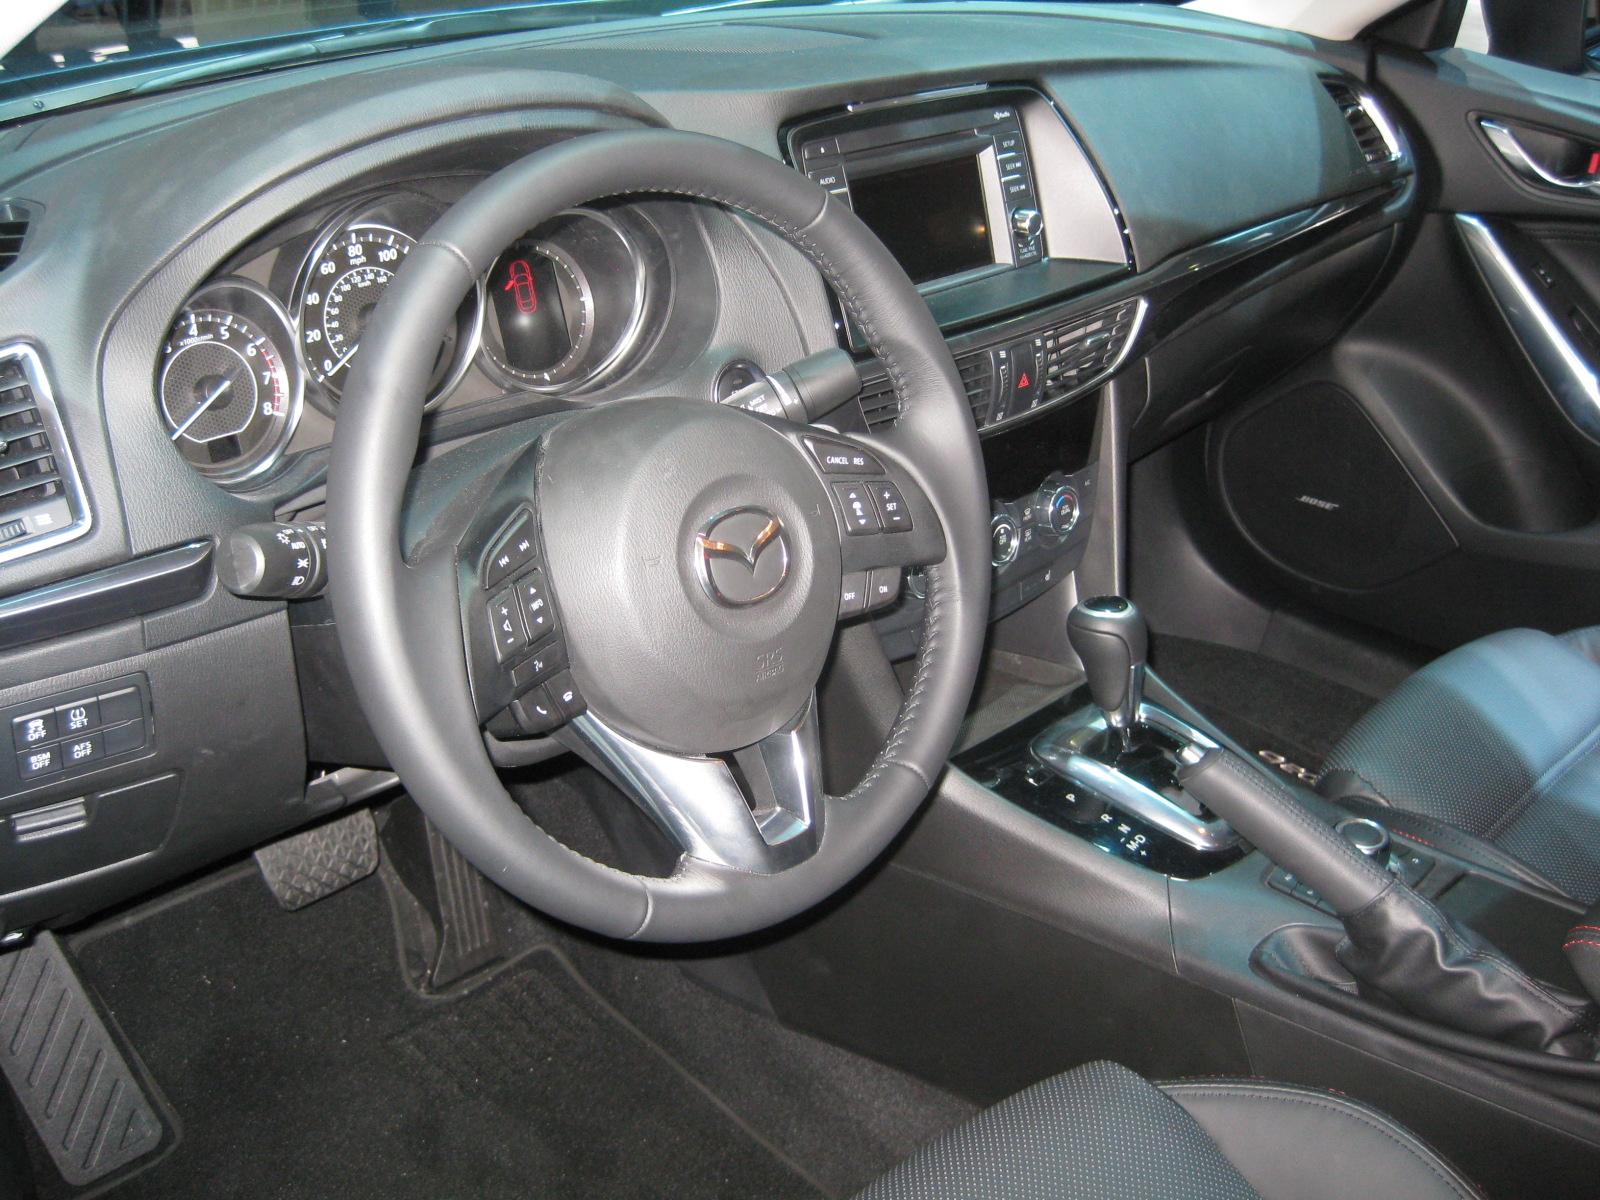 2012 Los Angeles Auto Show Part 3 » Mazda U2013 2014 Mazda6 Interior